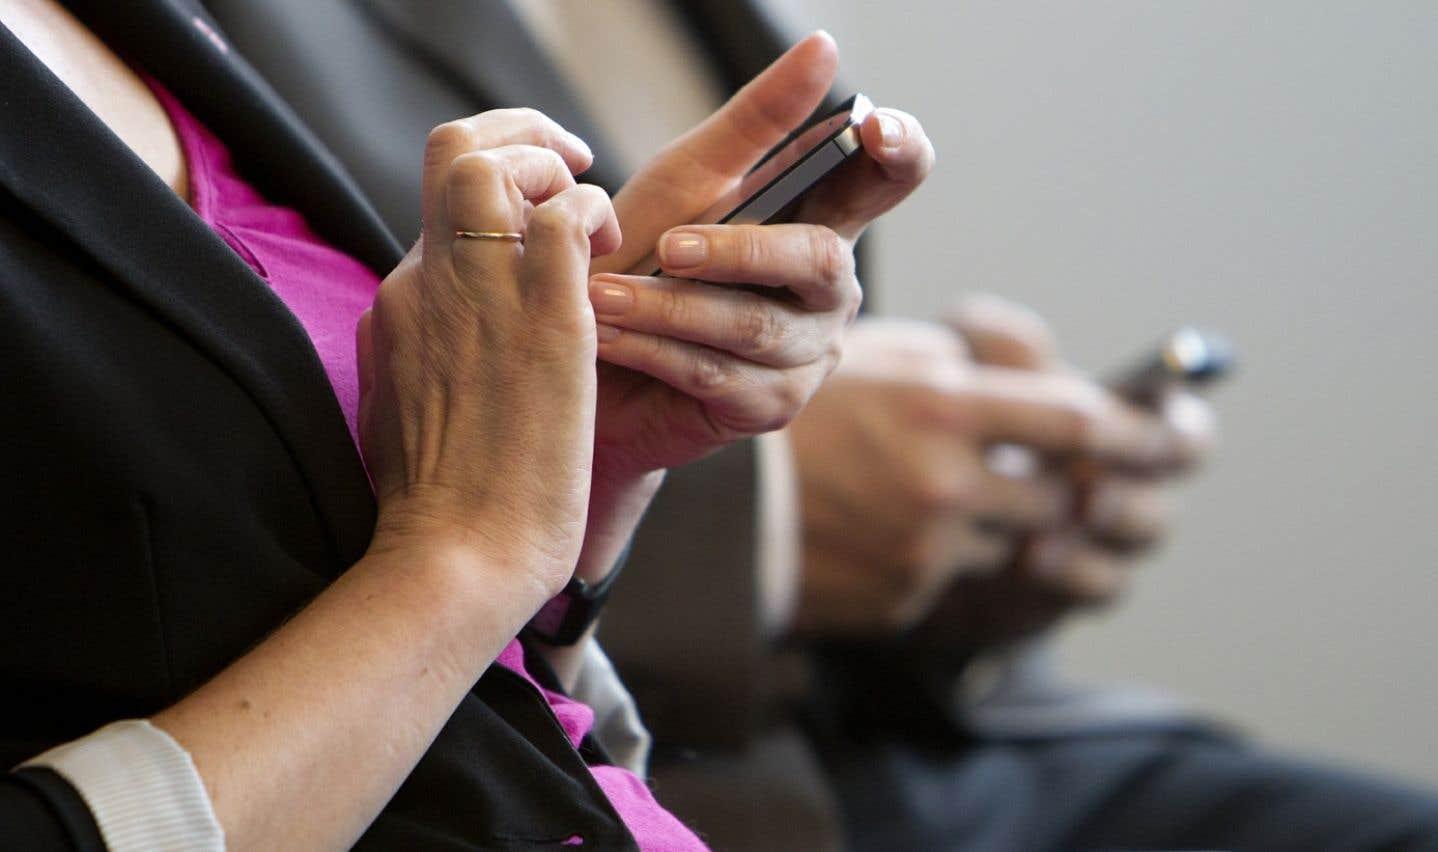 Sondage: près de huit heures de temps libre chaque jour devant un écran